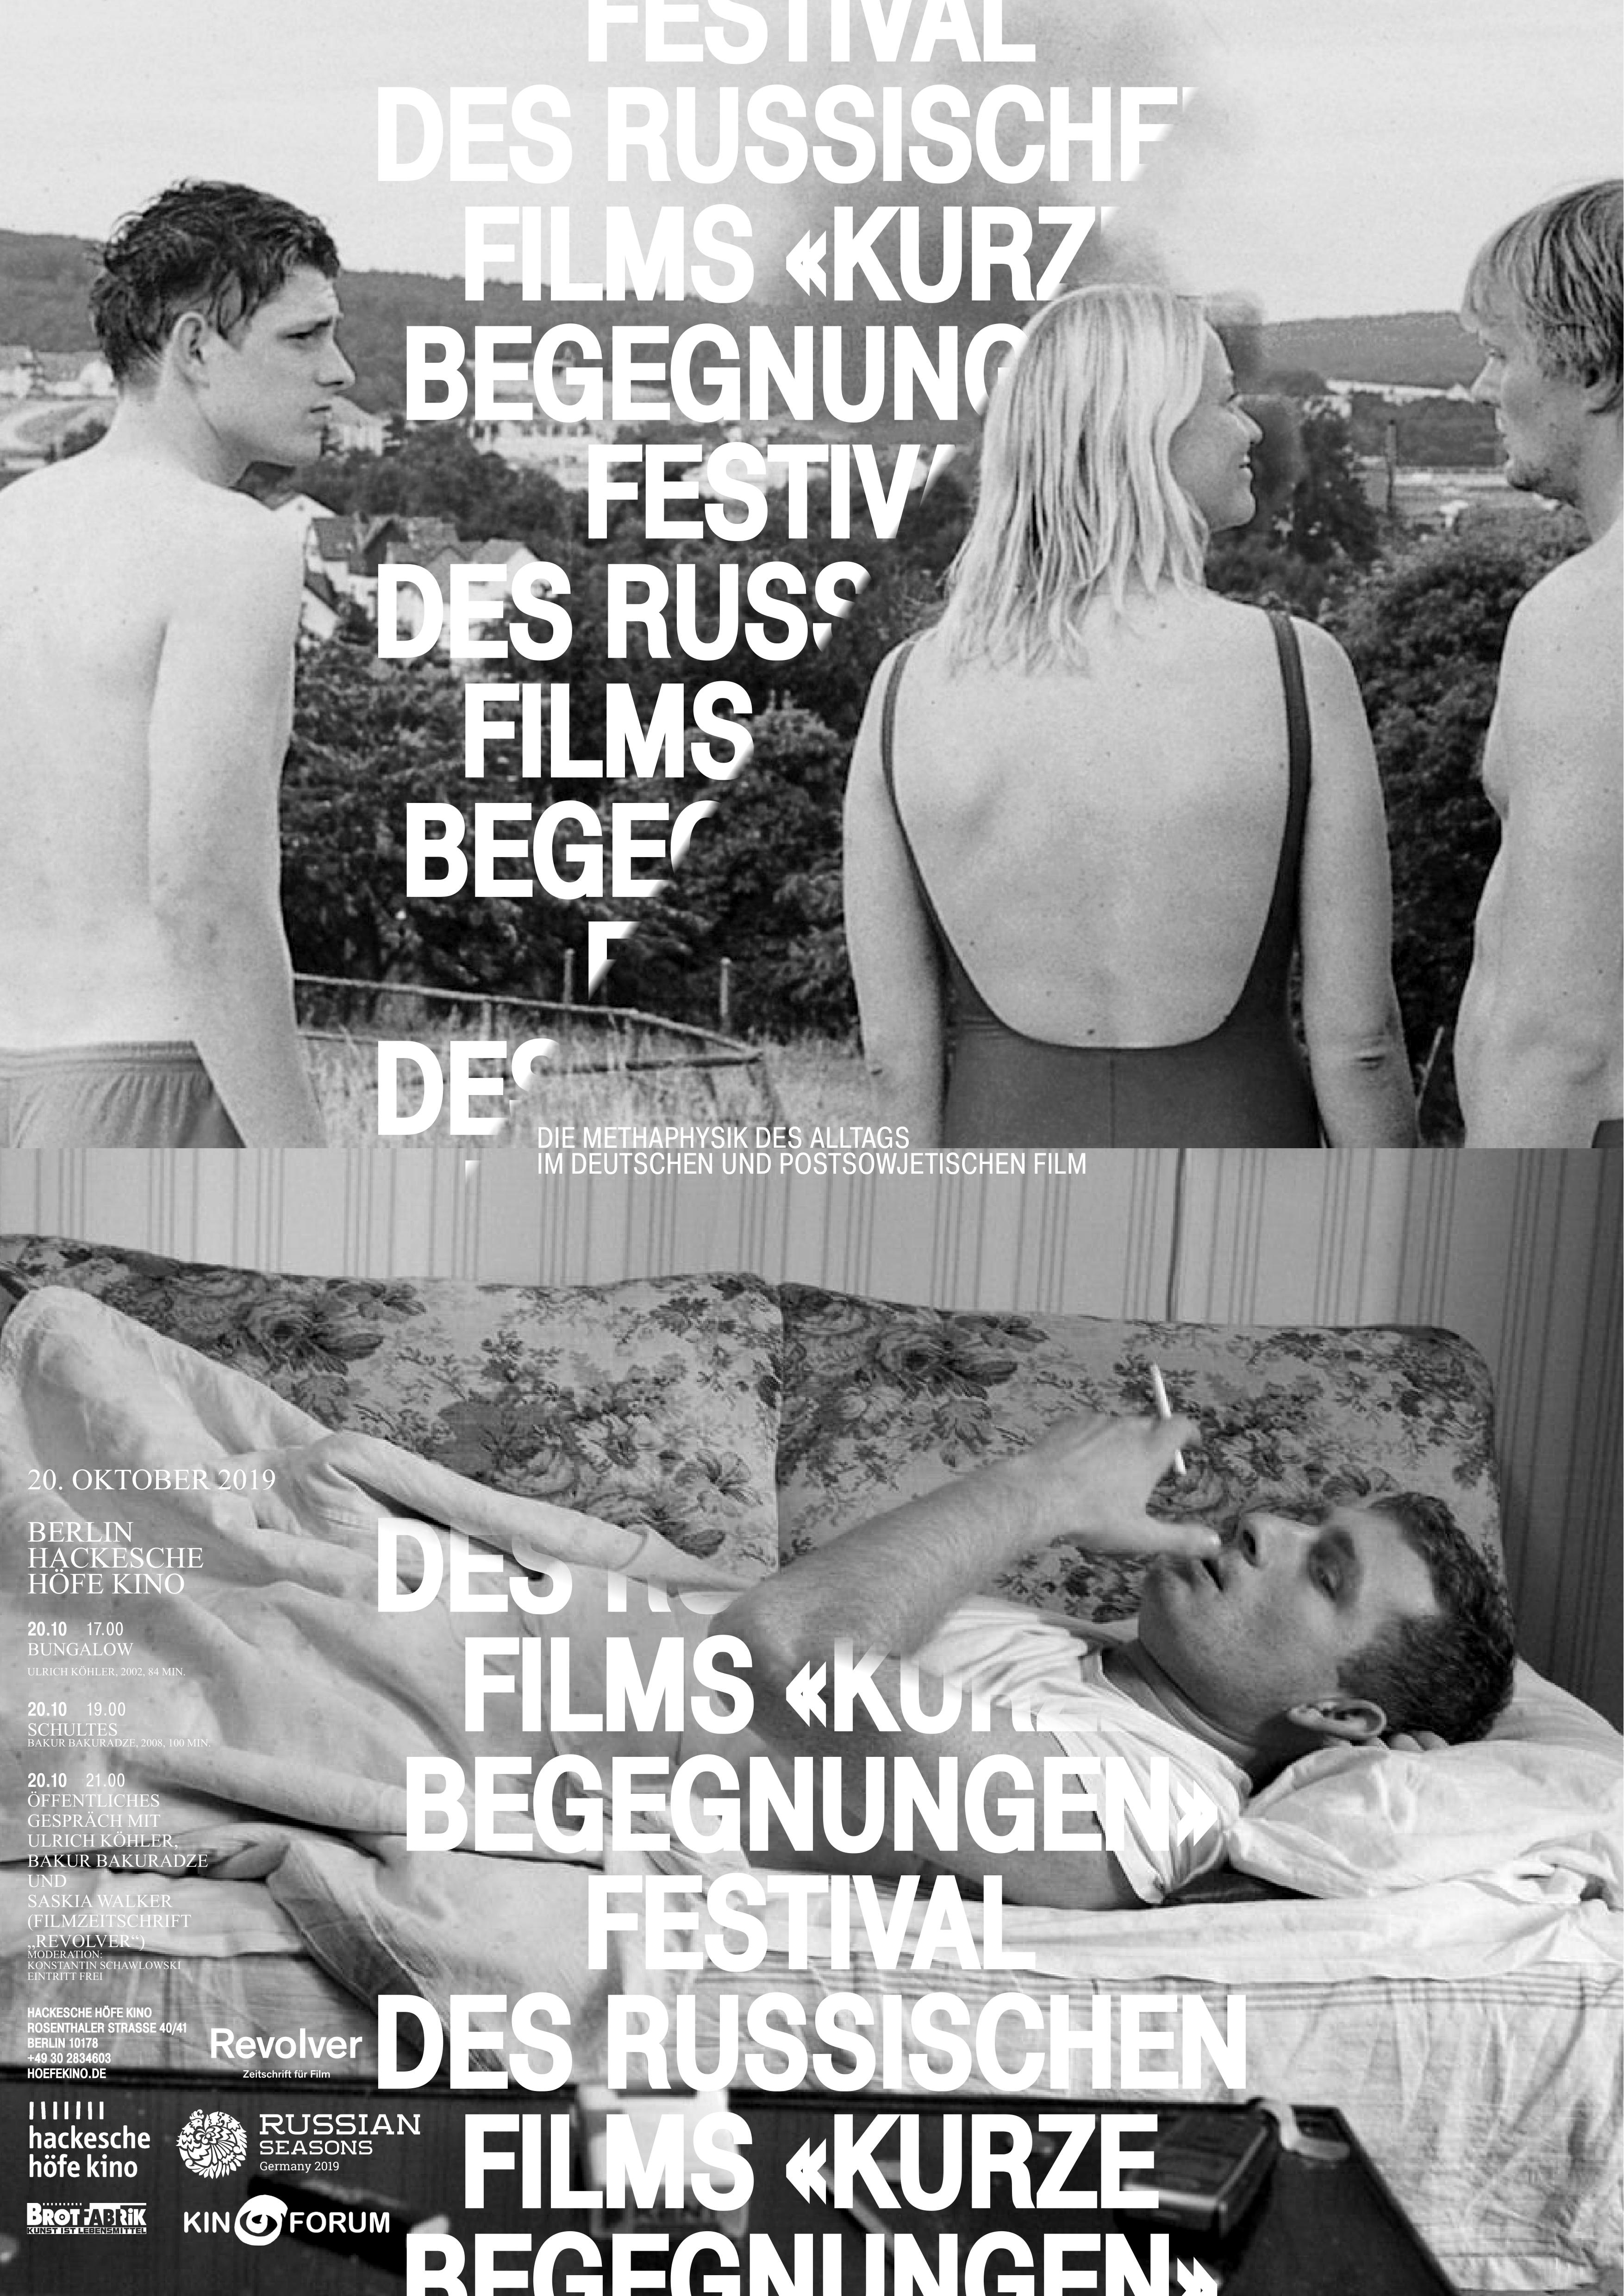 Festival Des Russischen Films